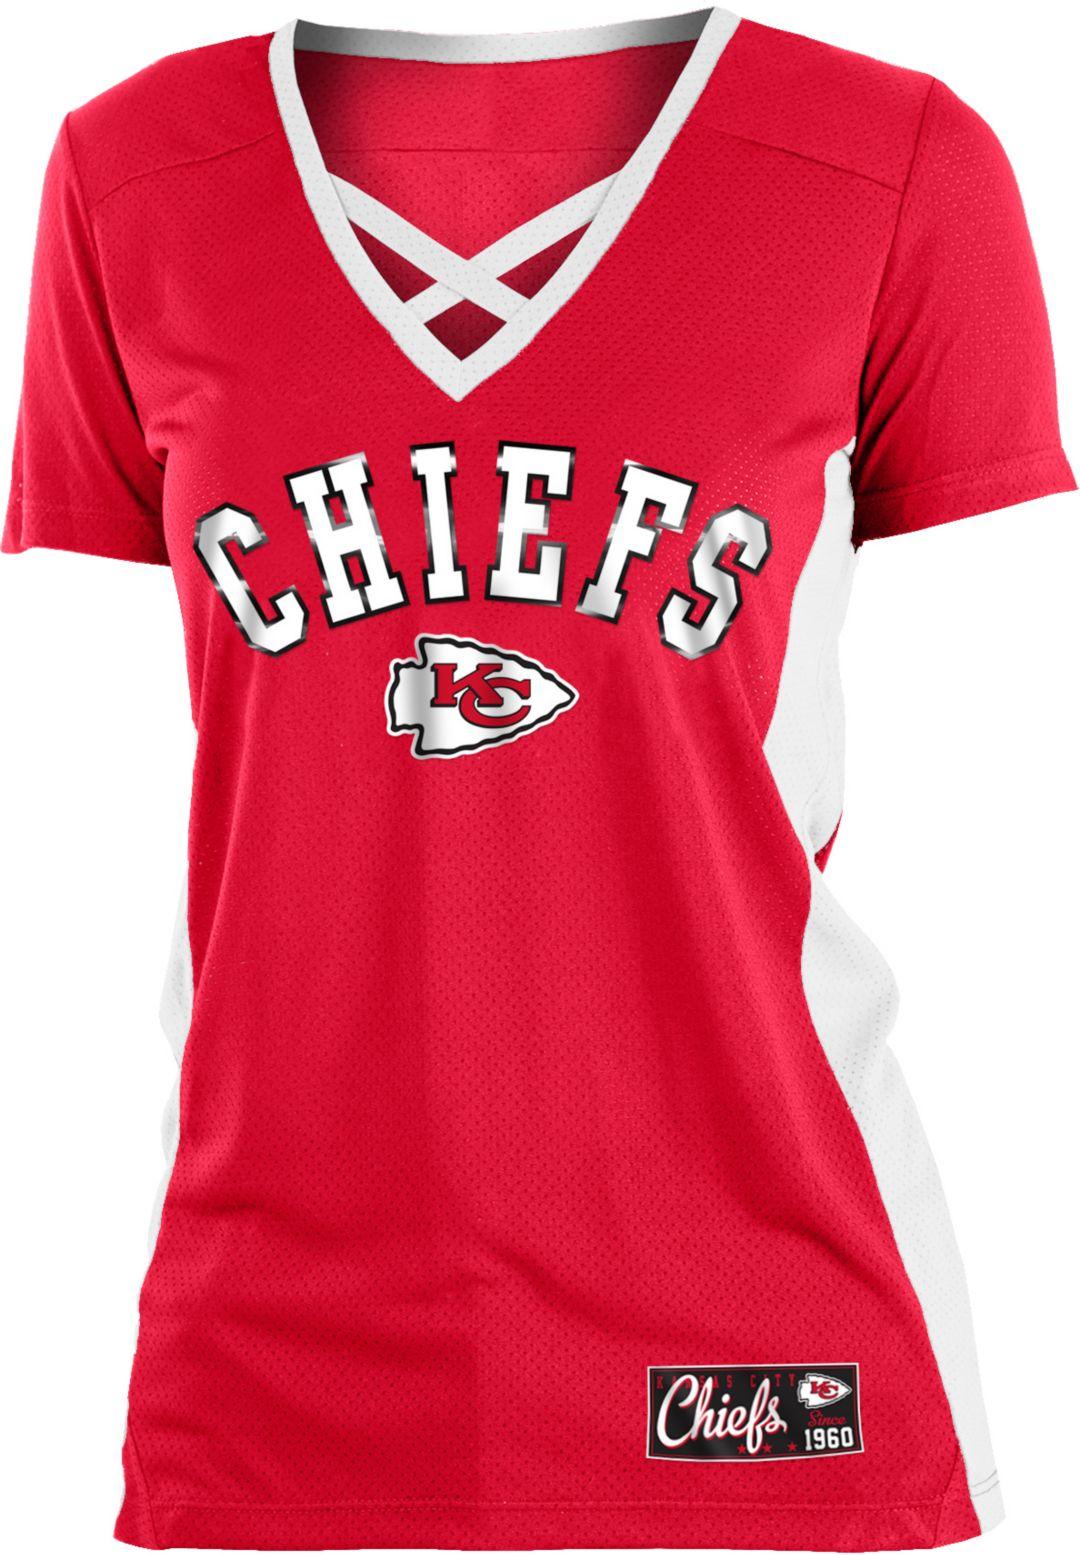 17e542e8 NFL Team Apparel Women's Kansas City Chiefs Mesh X Red T-Shirt